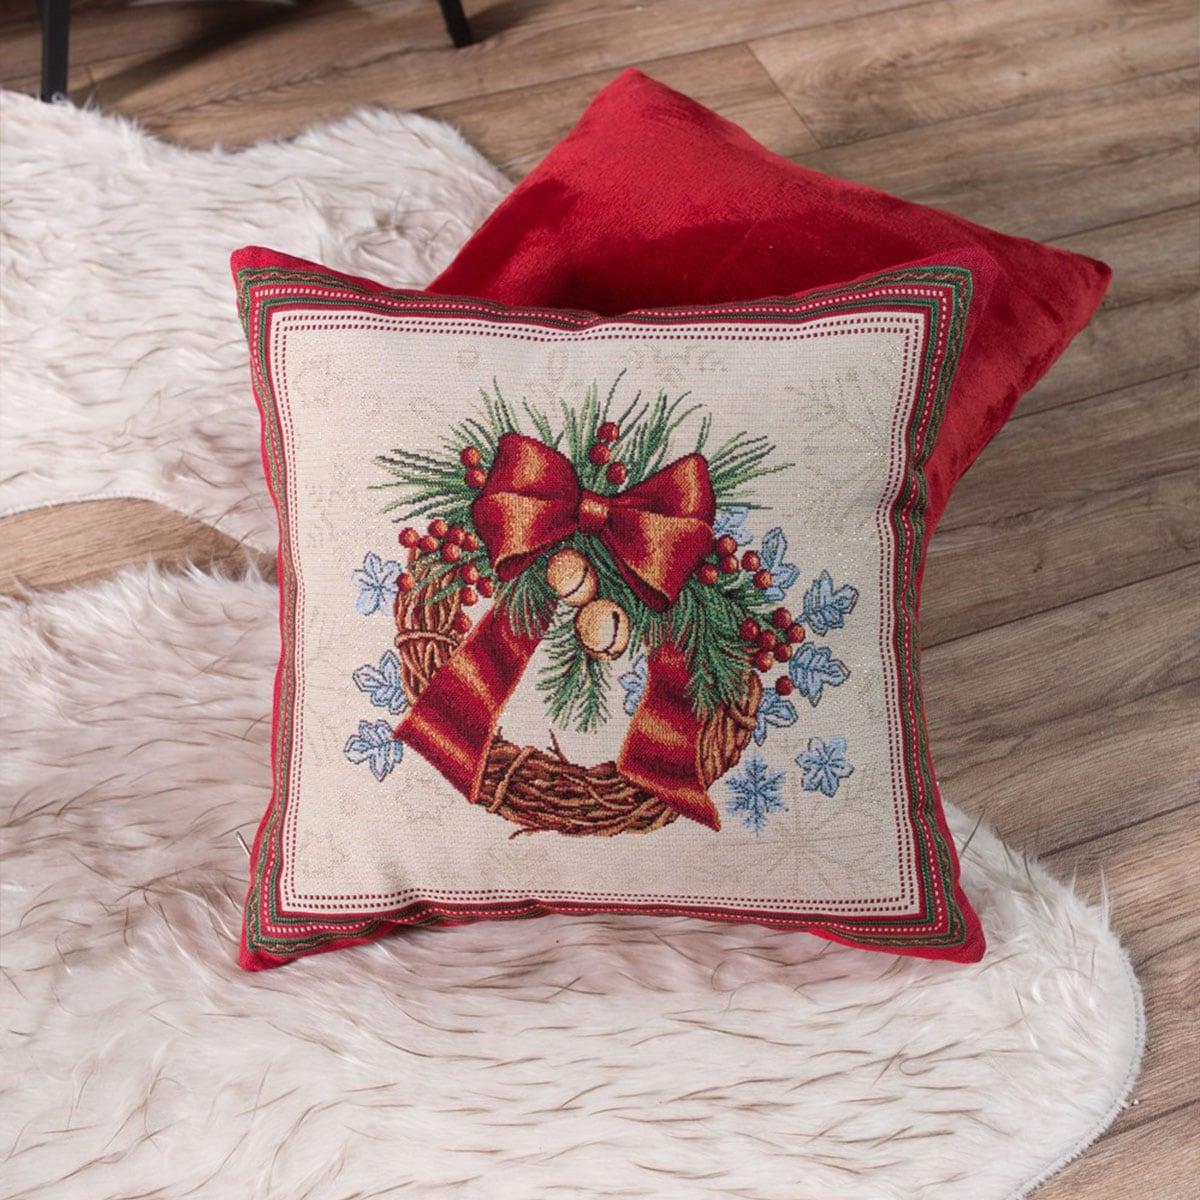 Μαξιλαροθήκη Διακοσμητική Χριστουγεννιάτικη Lights Multi Teoran 45X45 45x45cm